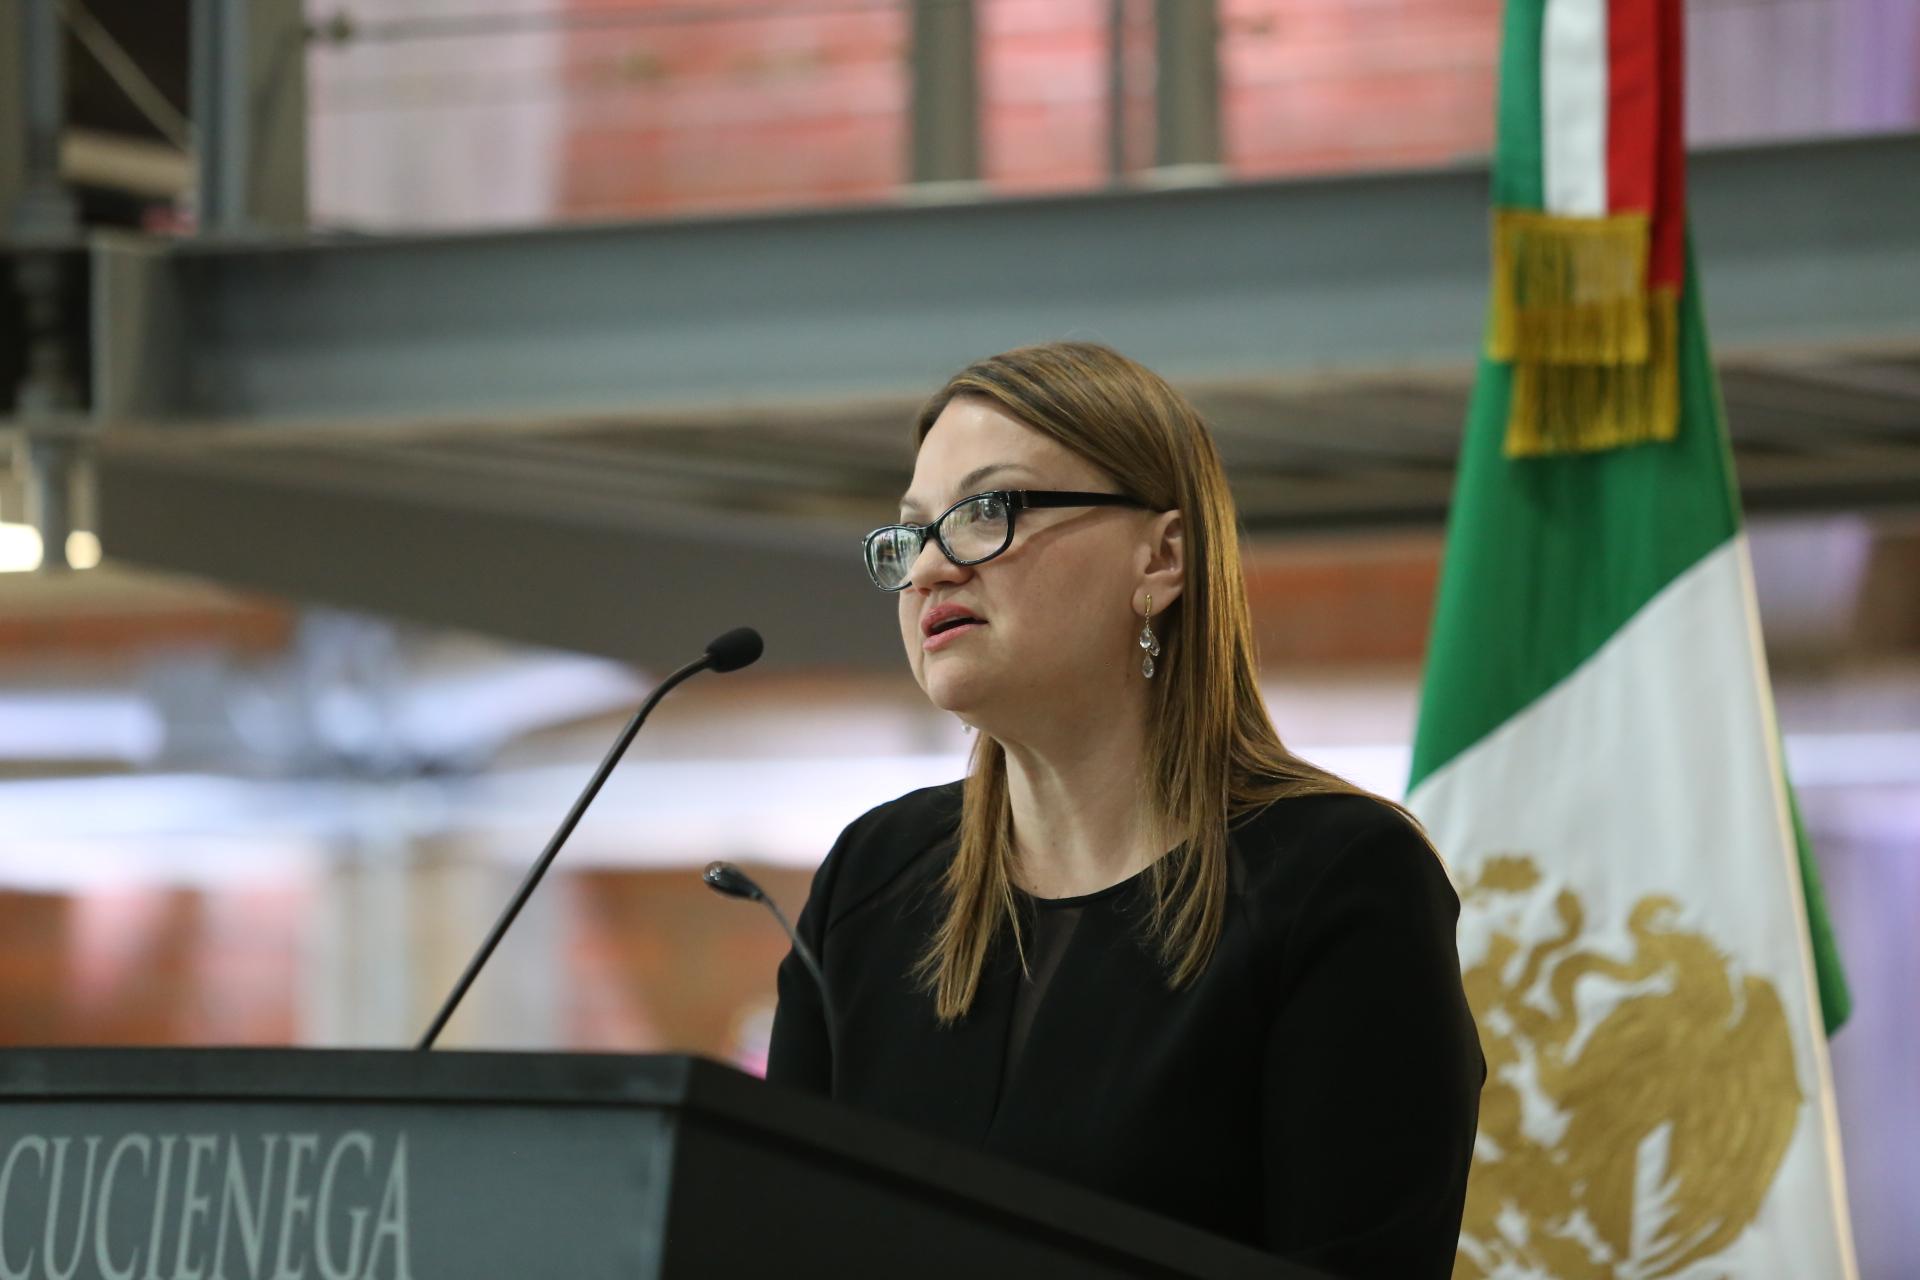 maestra María Felícitas Parga Jiménez, Rectora del Centro Universitario de la Ciénega hablando al micrófono desde el podium del auditorio